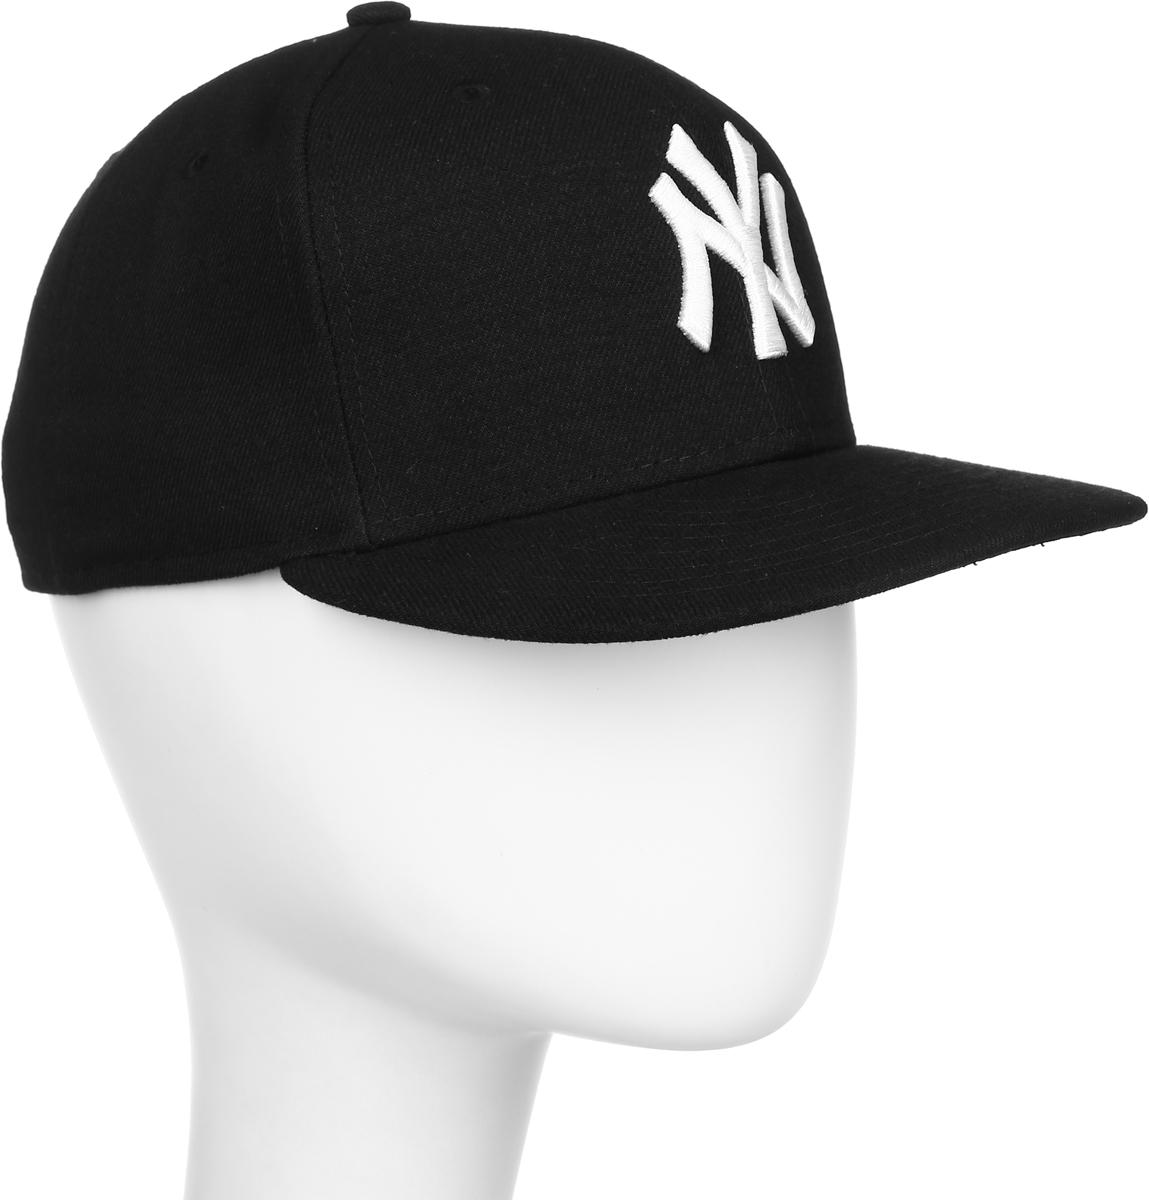 Бейсболка New Era 59fifty League Basic, цвет: черный, белый. 11277712-BLKWHT. Размер 7 1/4 (57)11277712-BLKWHTСтильная бейсболка New Era, выполненная из высококачественного материала, идеально подойдет для прогулок, занятий спортом и отдыха. Изделие оформлено объемным вышитым логотипом знаменитой бейсбольной команды New York Yankees и логотипом бренда New Era. Она надежно защитит вас от солнца и ветра. Эта модель станет отличным аксессуаром и дополнит ваш повседневный образ.